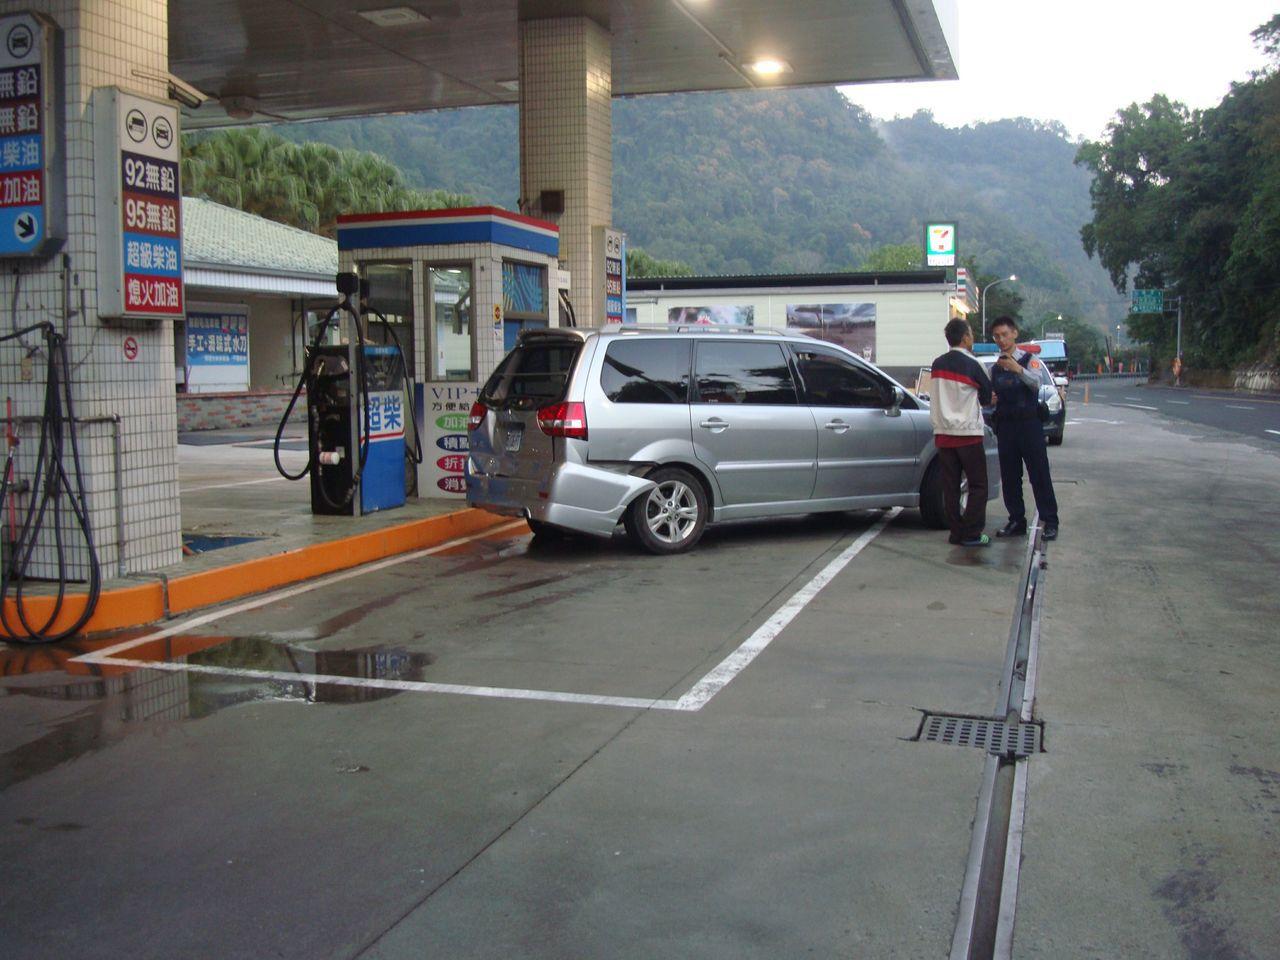 休旅車今天上午6點多倒車加油,疑似暴衝撞倒加油機。記者范榮達/翻攝